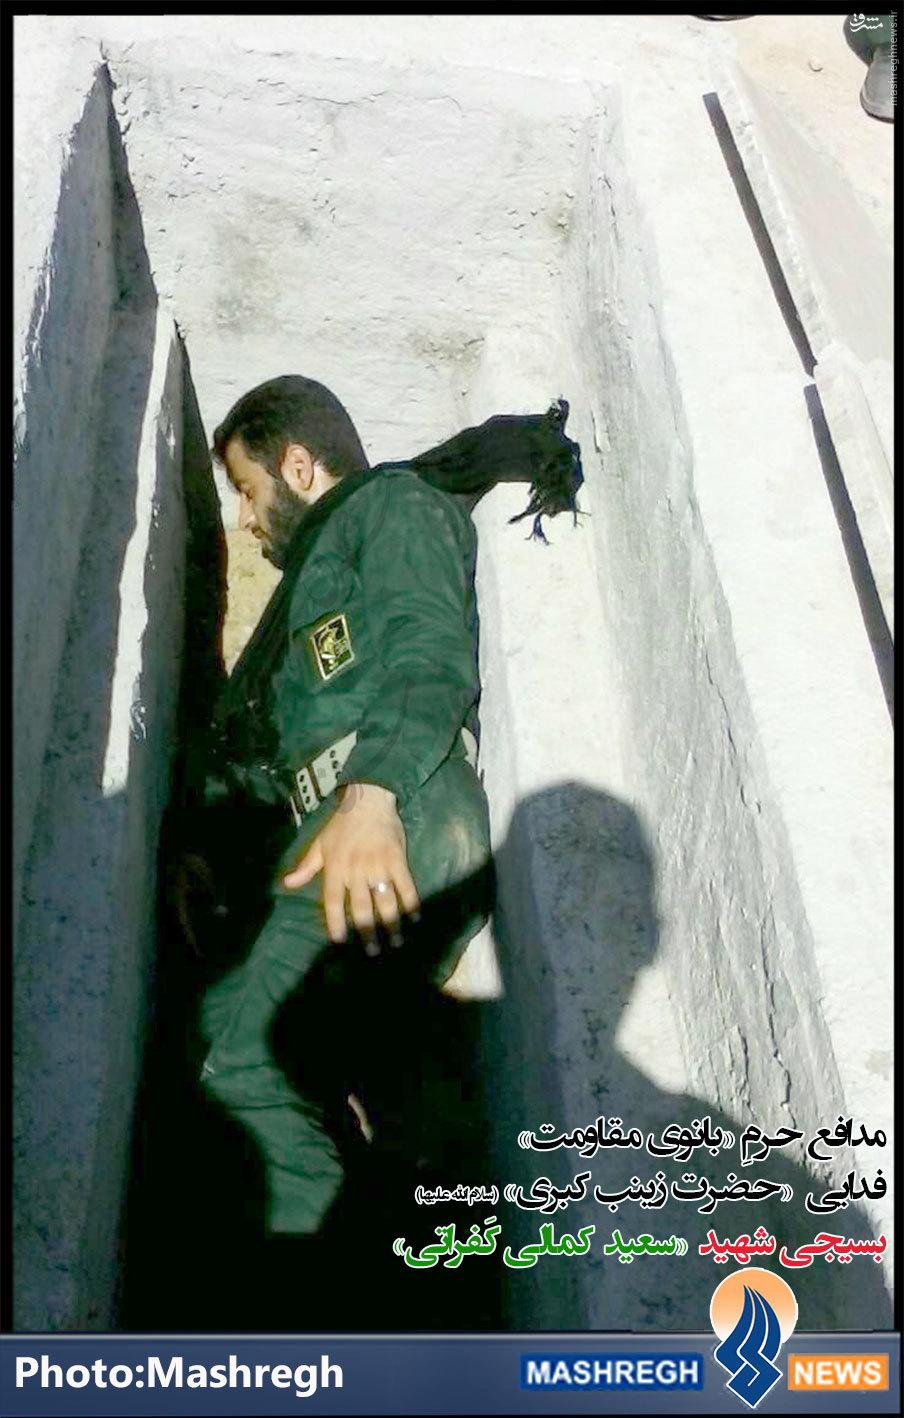 شهید سعید کمالی